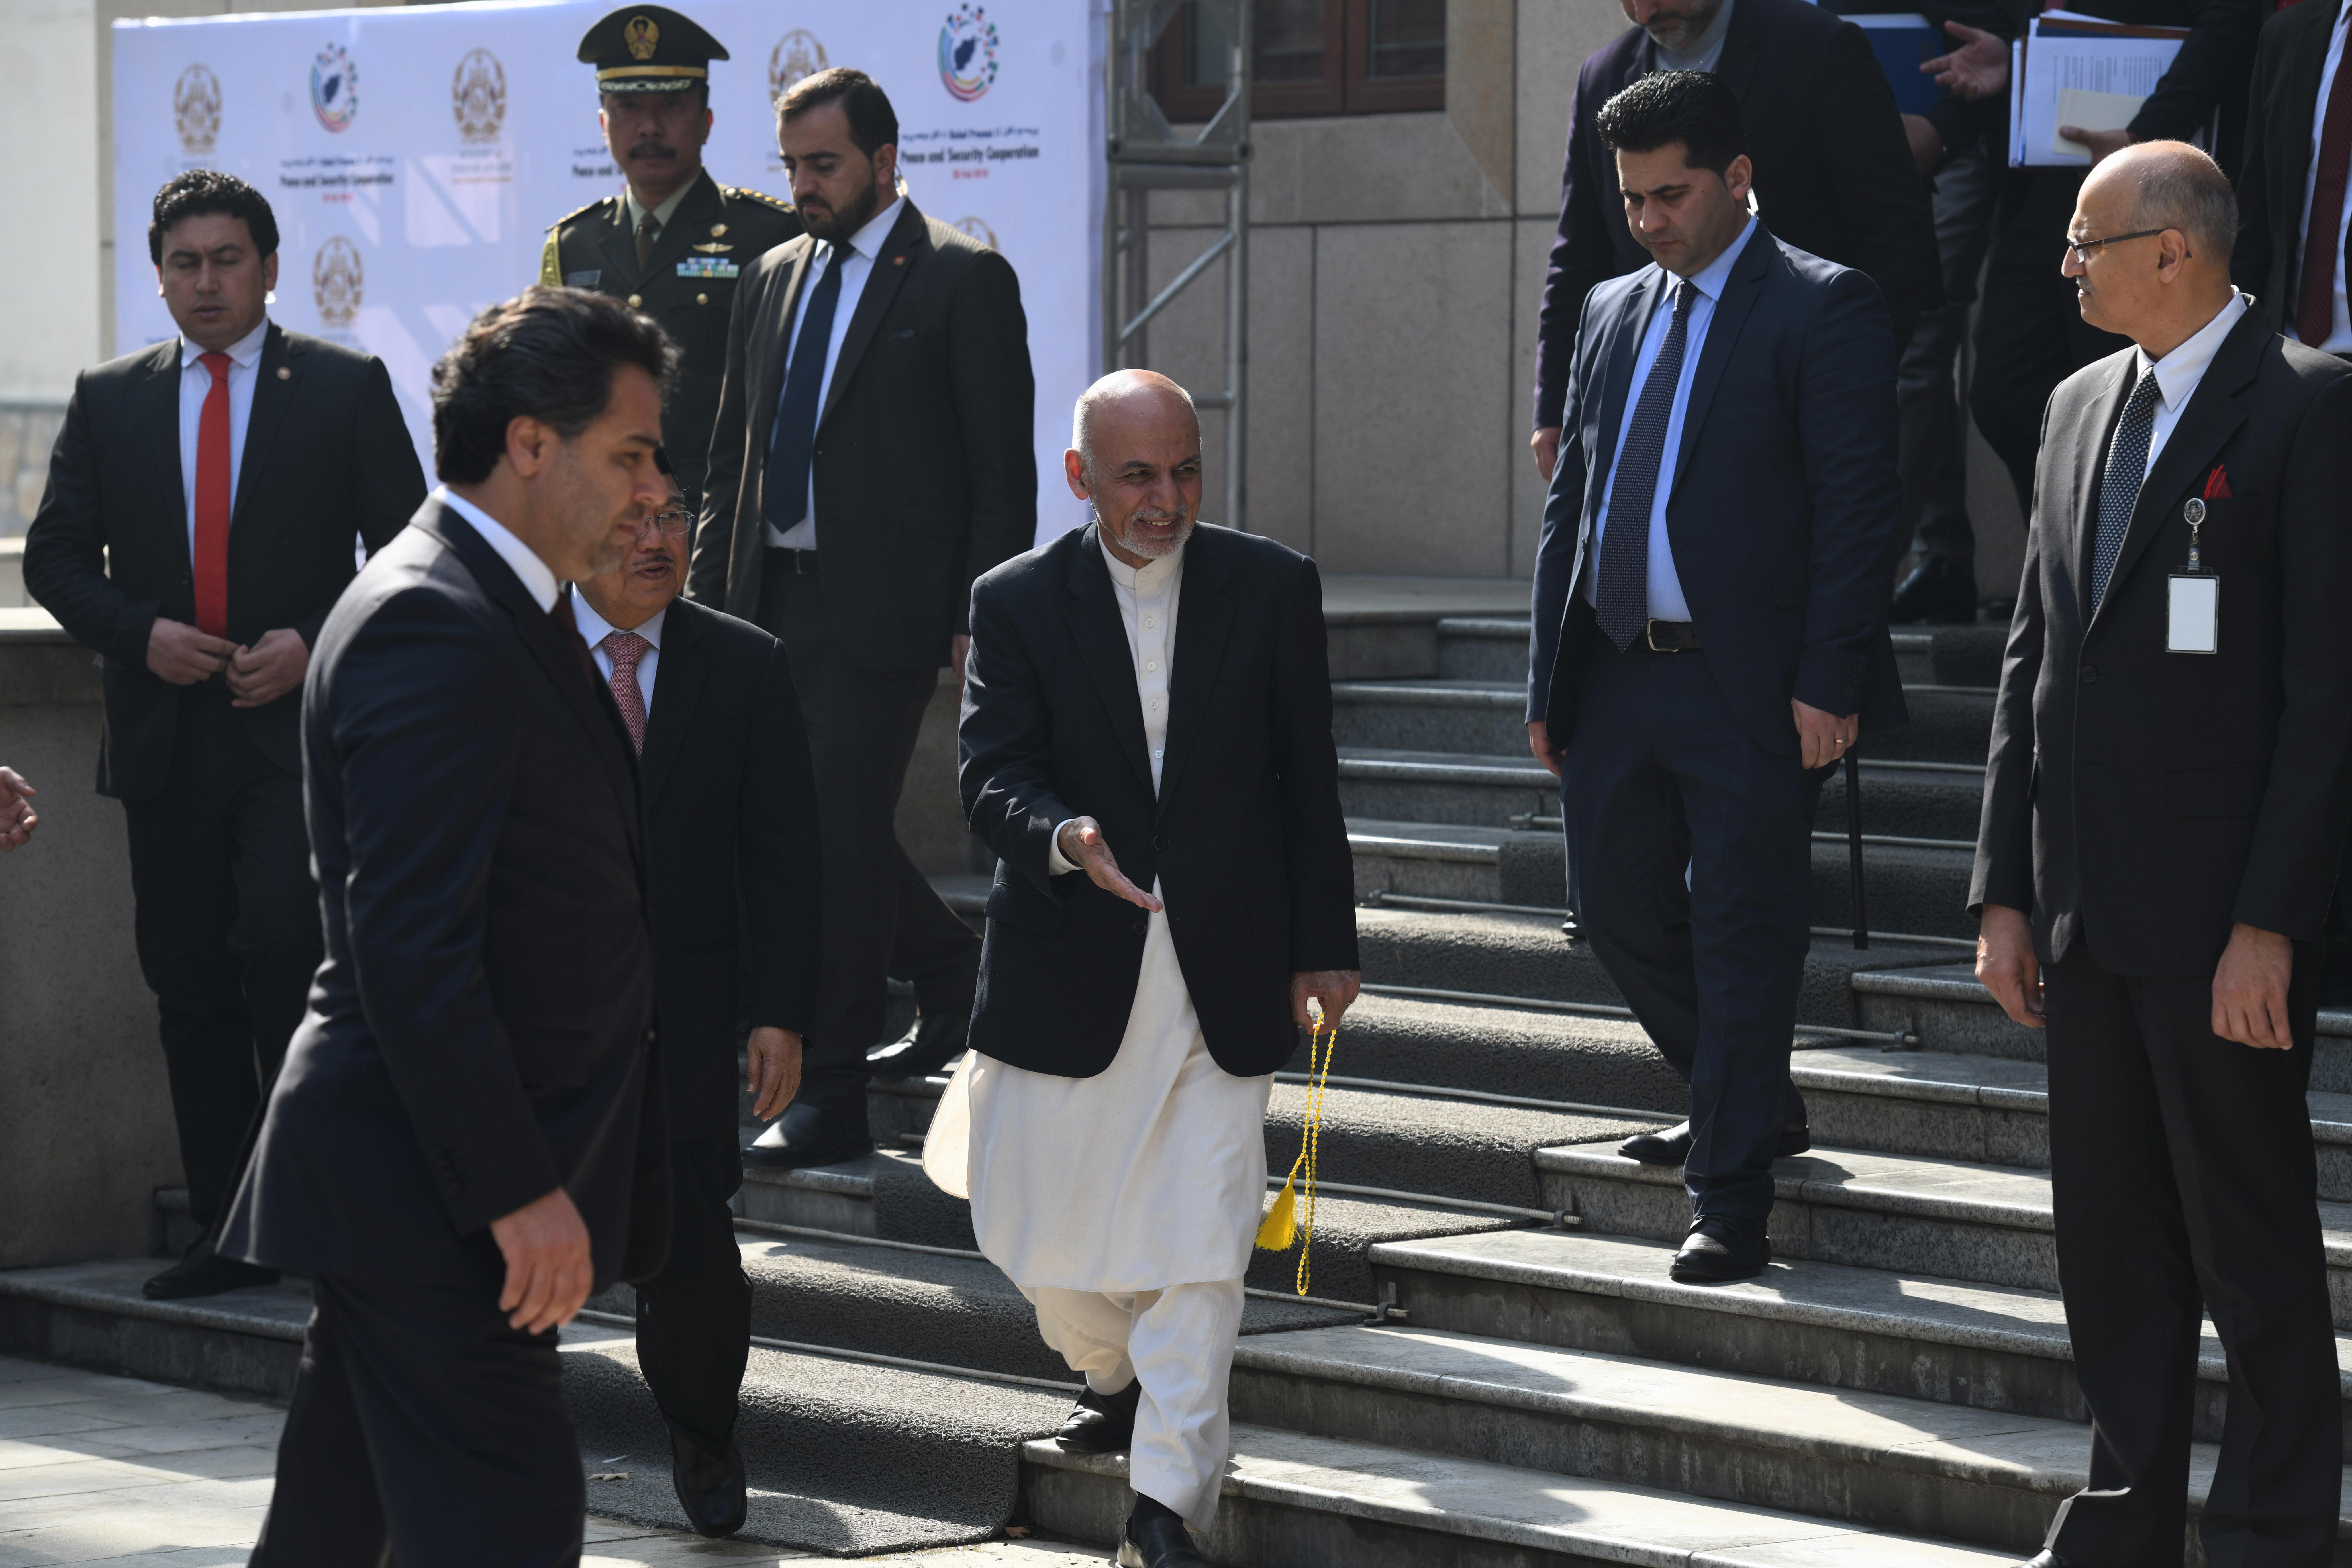 ایالات متحده از طالبان خواست تا پیشنهاد صلح غنی را 'جدی' بگیرند